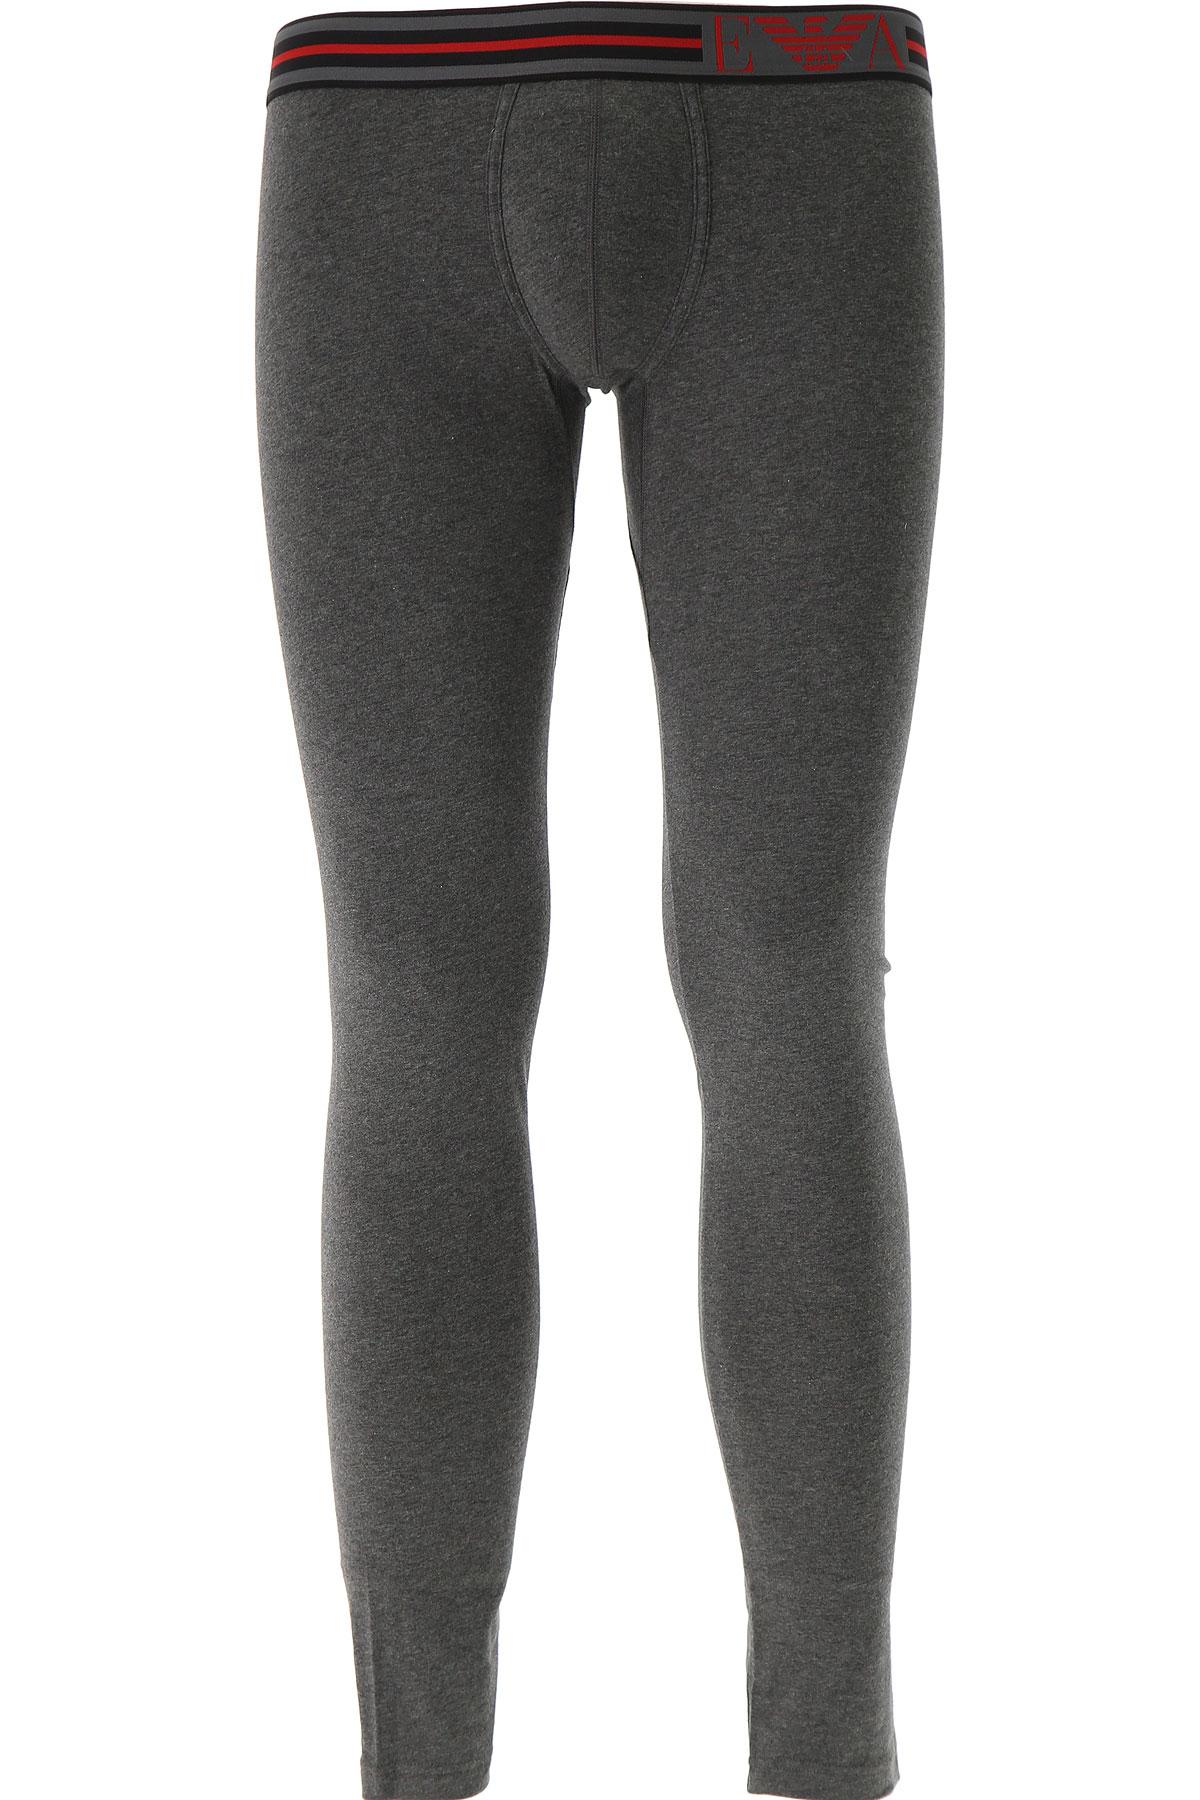 Image of Emporio Armani Loungewear for Men, Anthracite Grey, Cotton, 2017, M (EU 4) S (EU 3) L (EU 5) XL (EU 6)